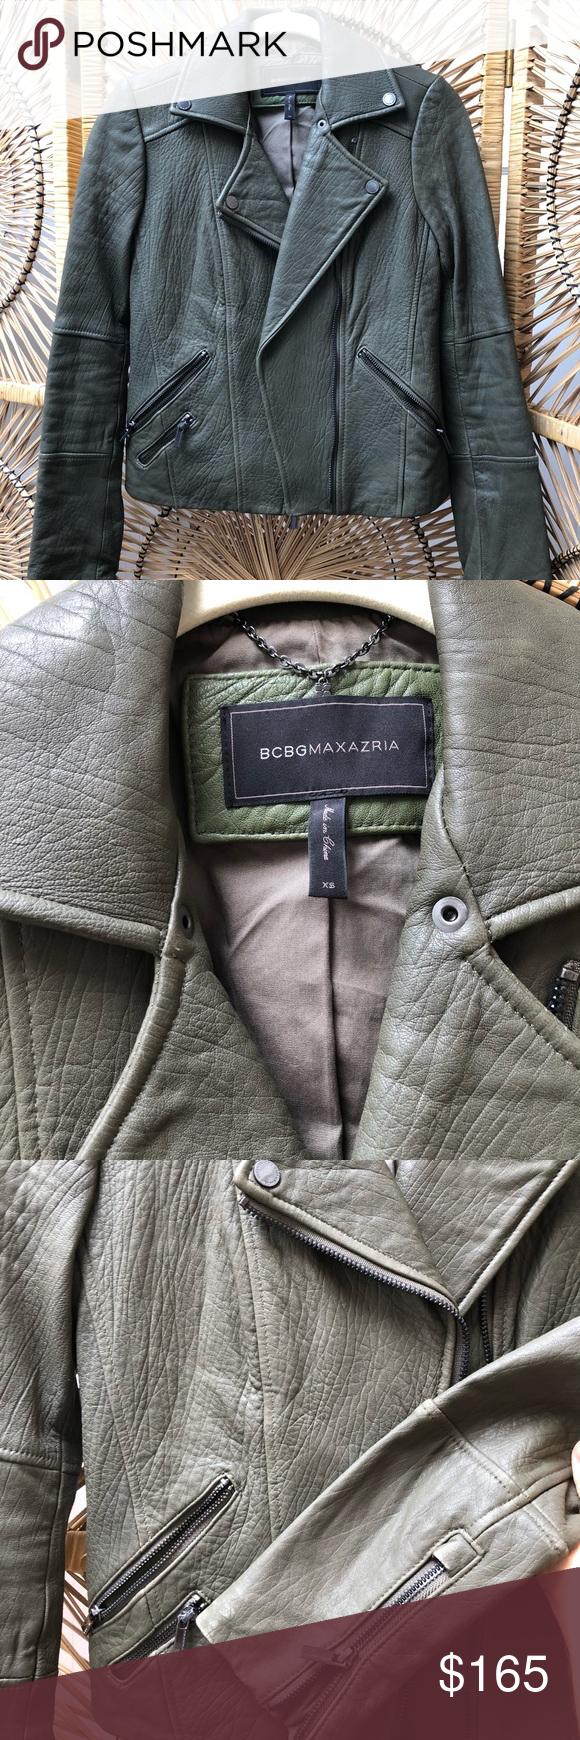 Bcbg 100 Leather Jacket Olive Green Leather Jacket Green Leather Jackets Jackets [ 1740 x 580 Pixel ]